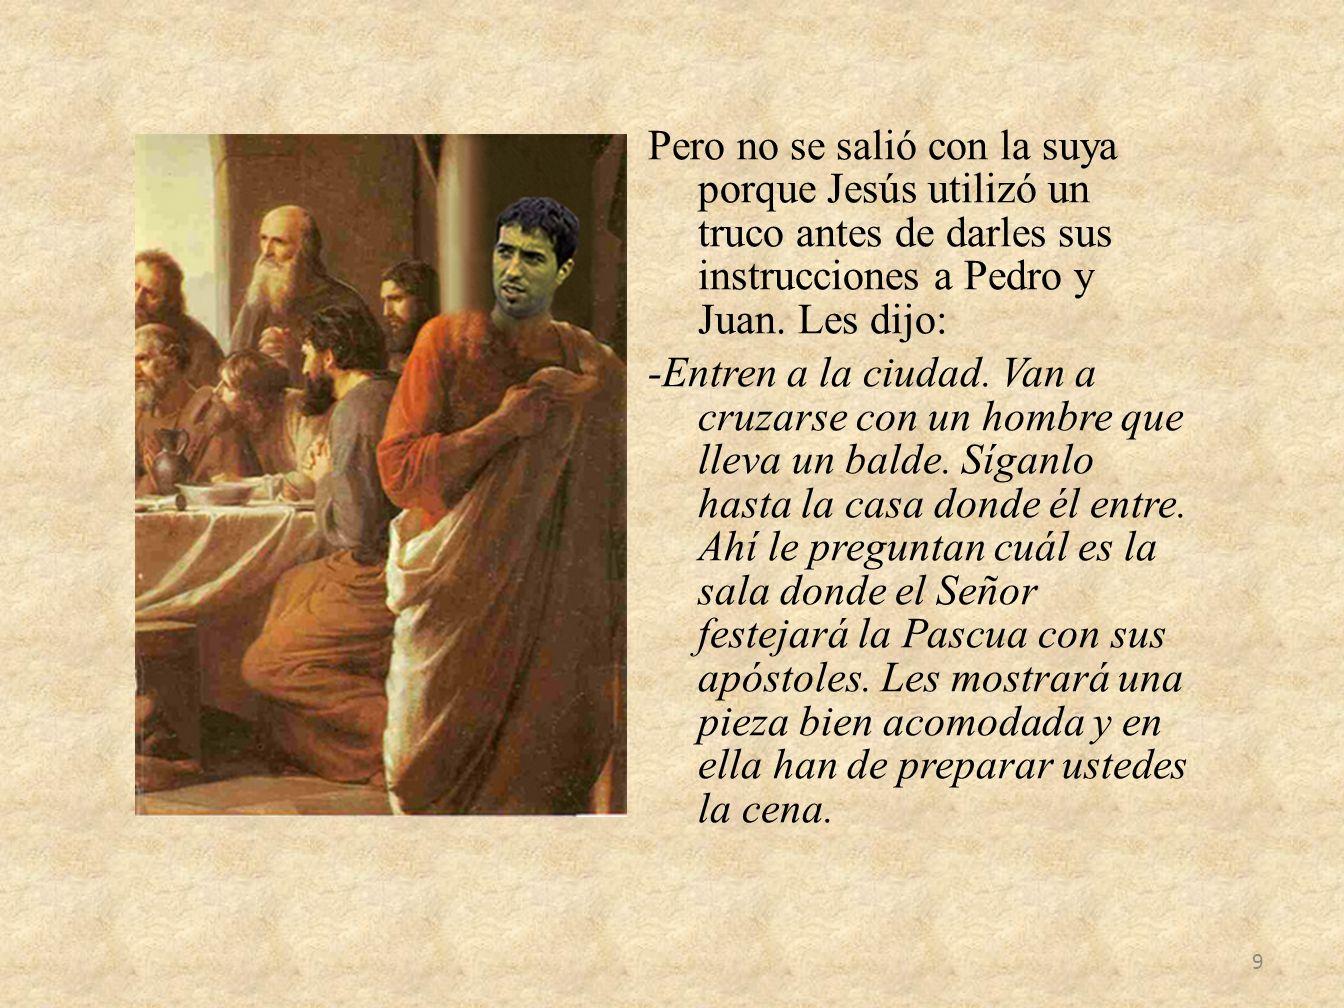 Pero no se salió con la suya porque Jesús utilizó un truco antes de darles sus instrucciones a Pedro y Juan. Les dijo: -Entren a la ciudad. Van a cruz